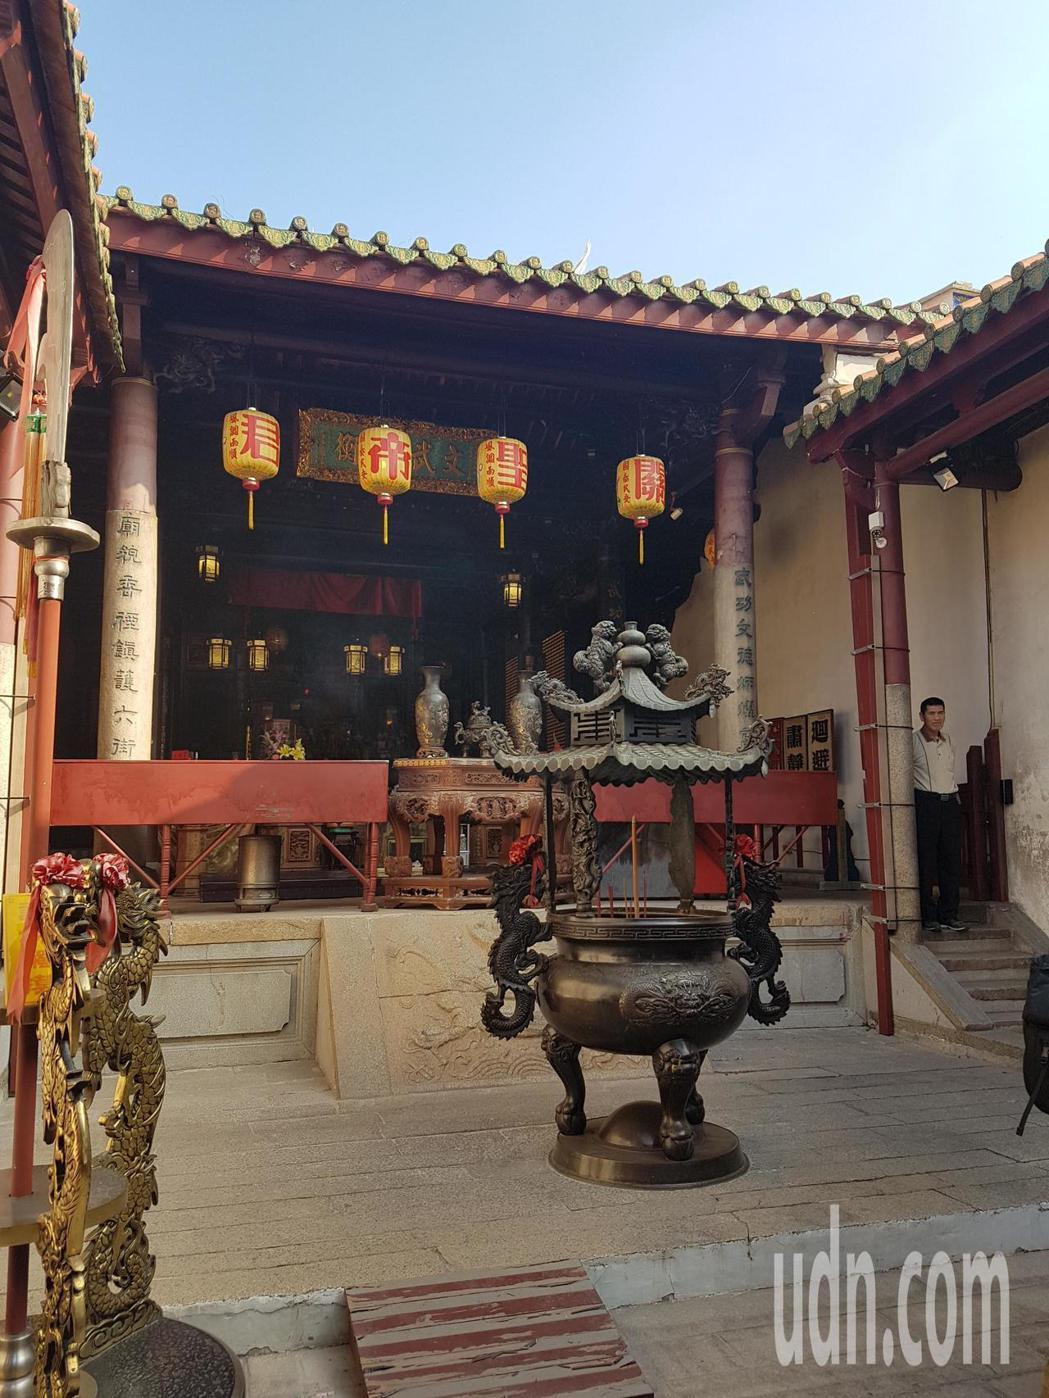 台南祀典武廟為國定古蹟,傳出關聖帝君神像頸部有裂縫。記者修瑞瑩/攝影